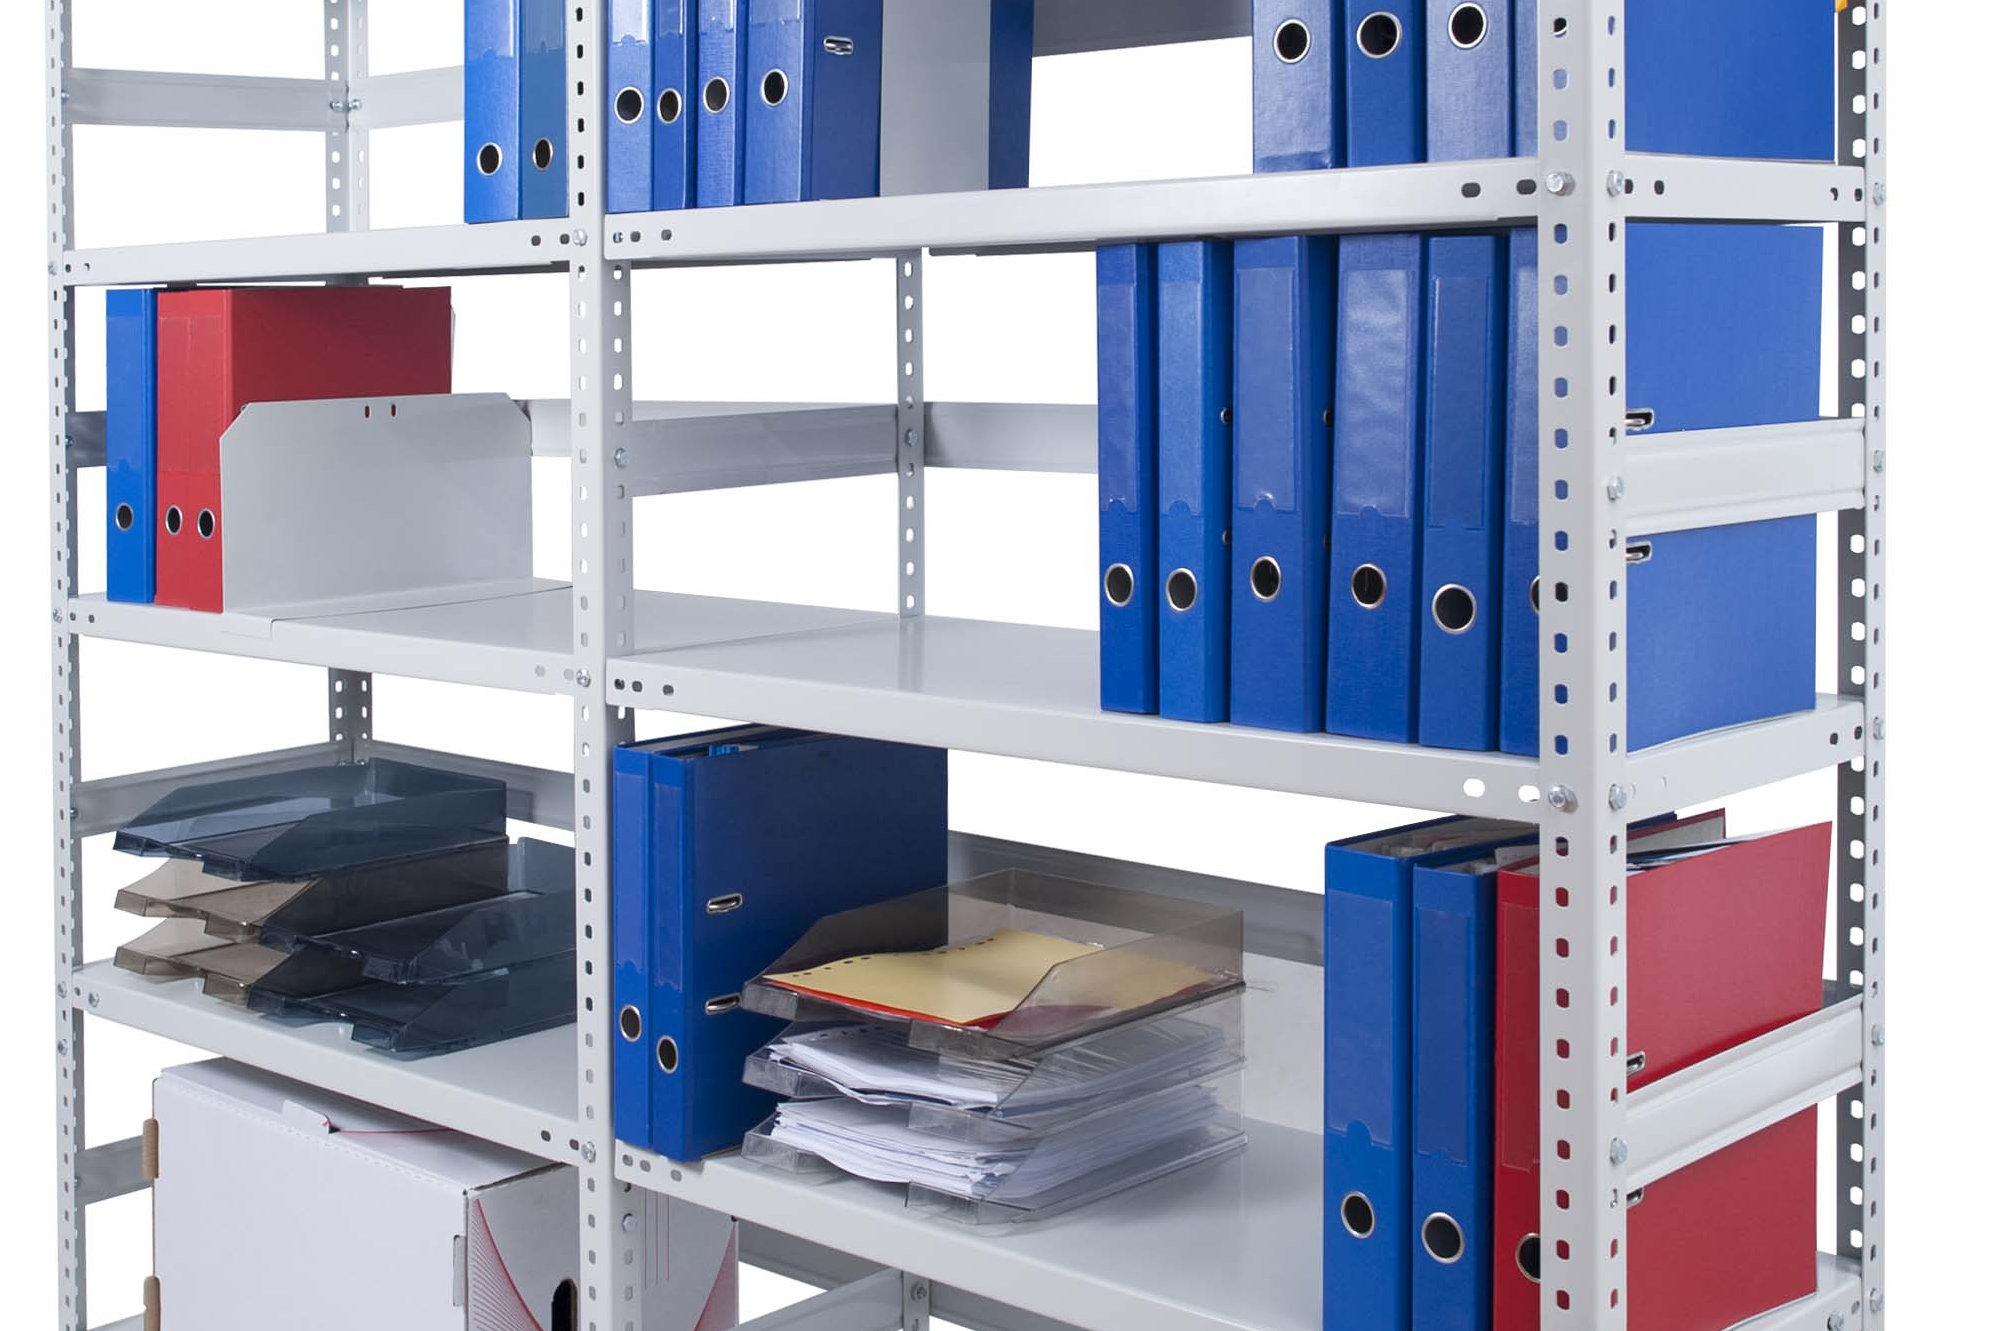 Regały archiwizacyjne produkcji firmy Met-Baj z Rzeszowa